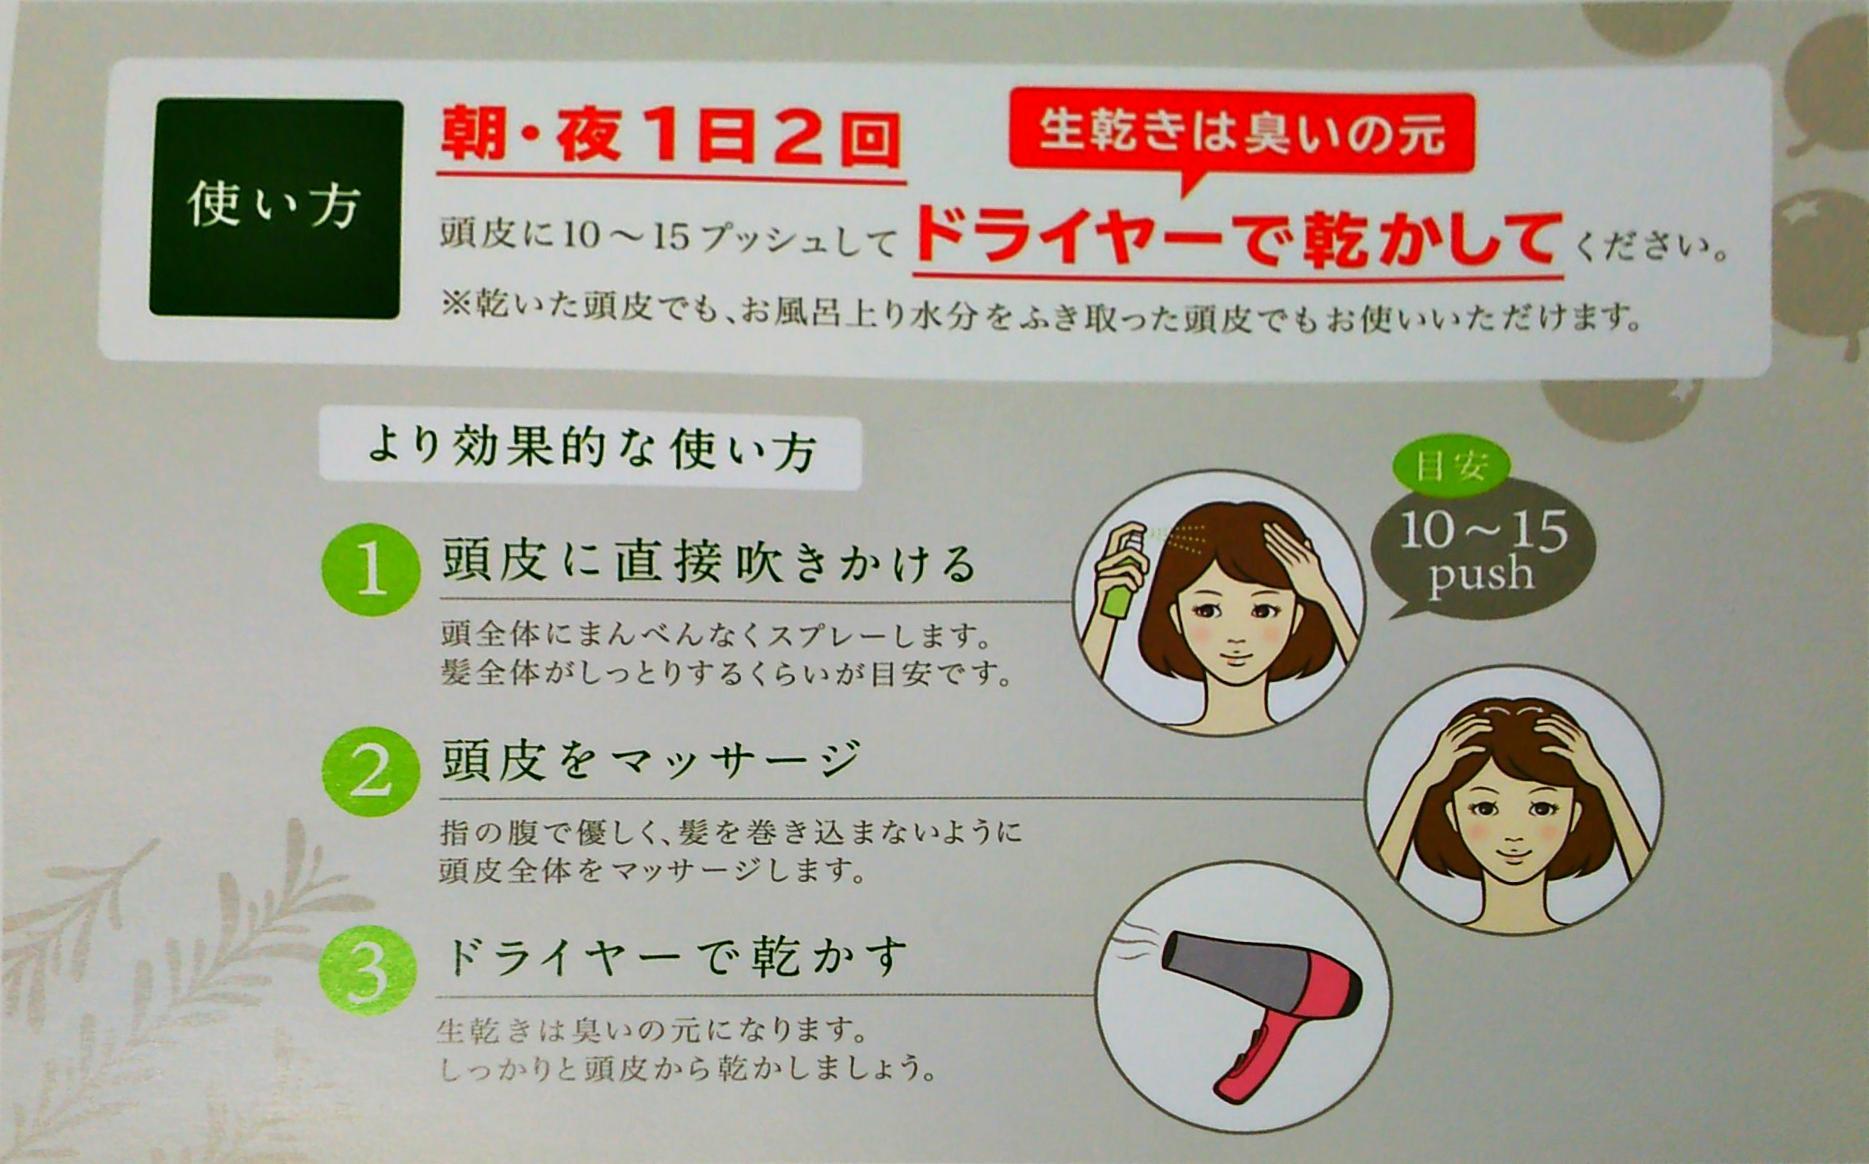 クリアハーブミストの悪評 が本当の評価?頭皮の臭いを抑える美容液